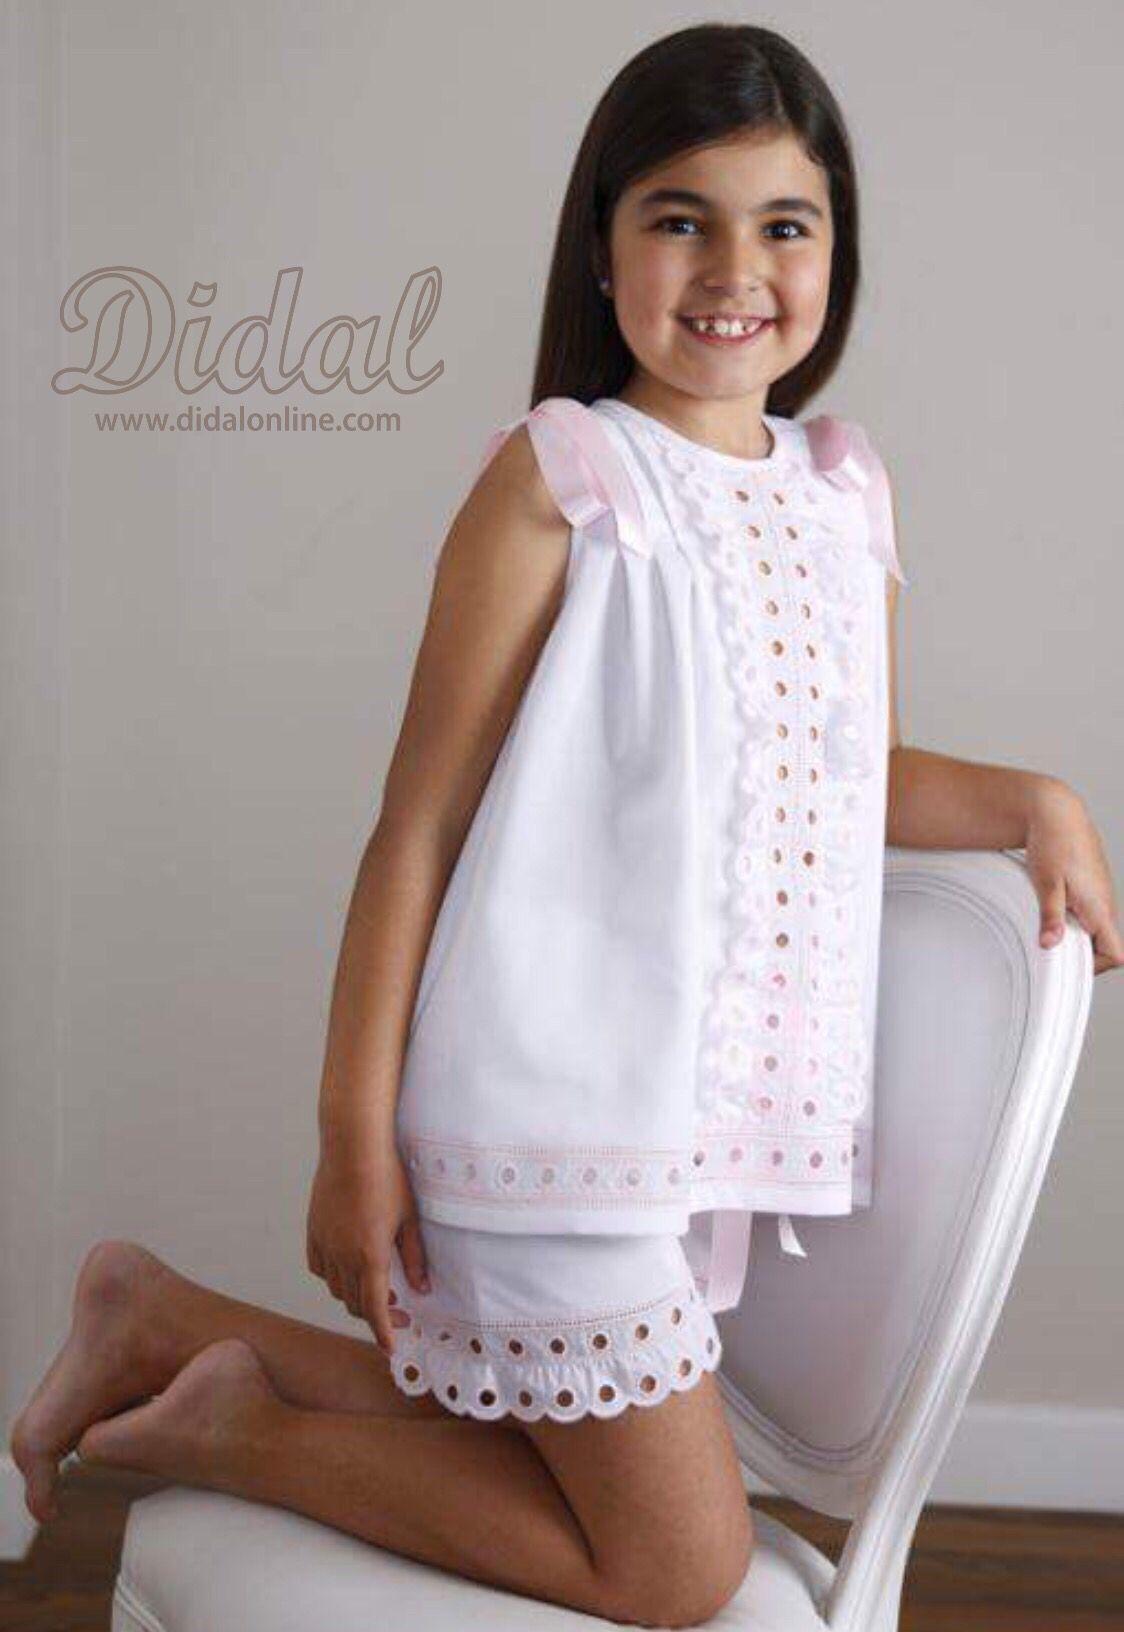 45a6828e1c Pijama Alejandra  pijamas. Pijama Alejandra  pijamas Pijamas Para Niñas